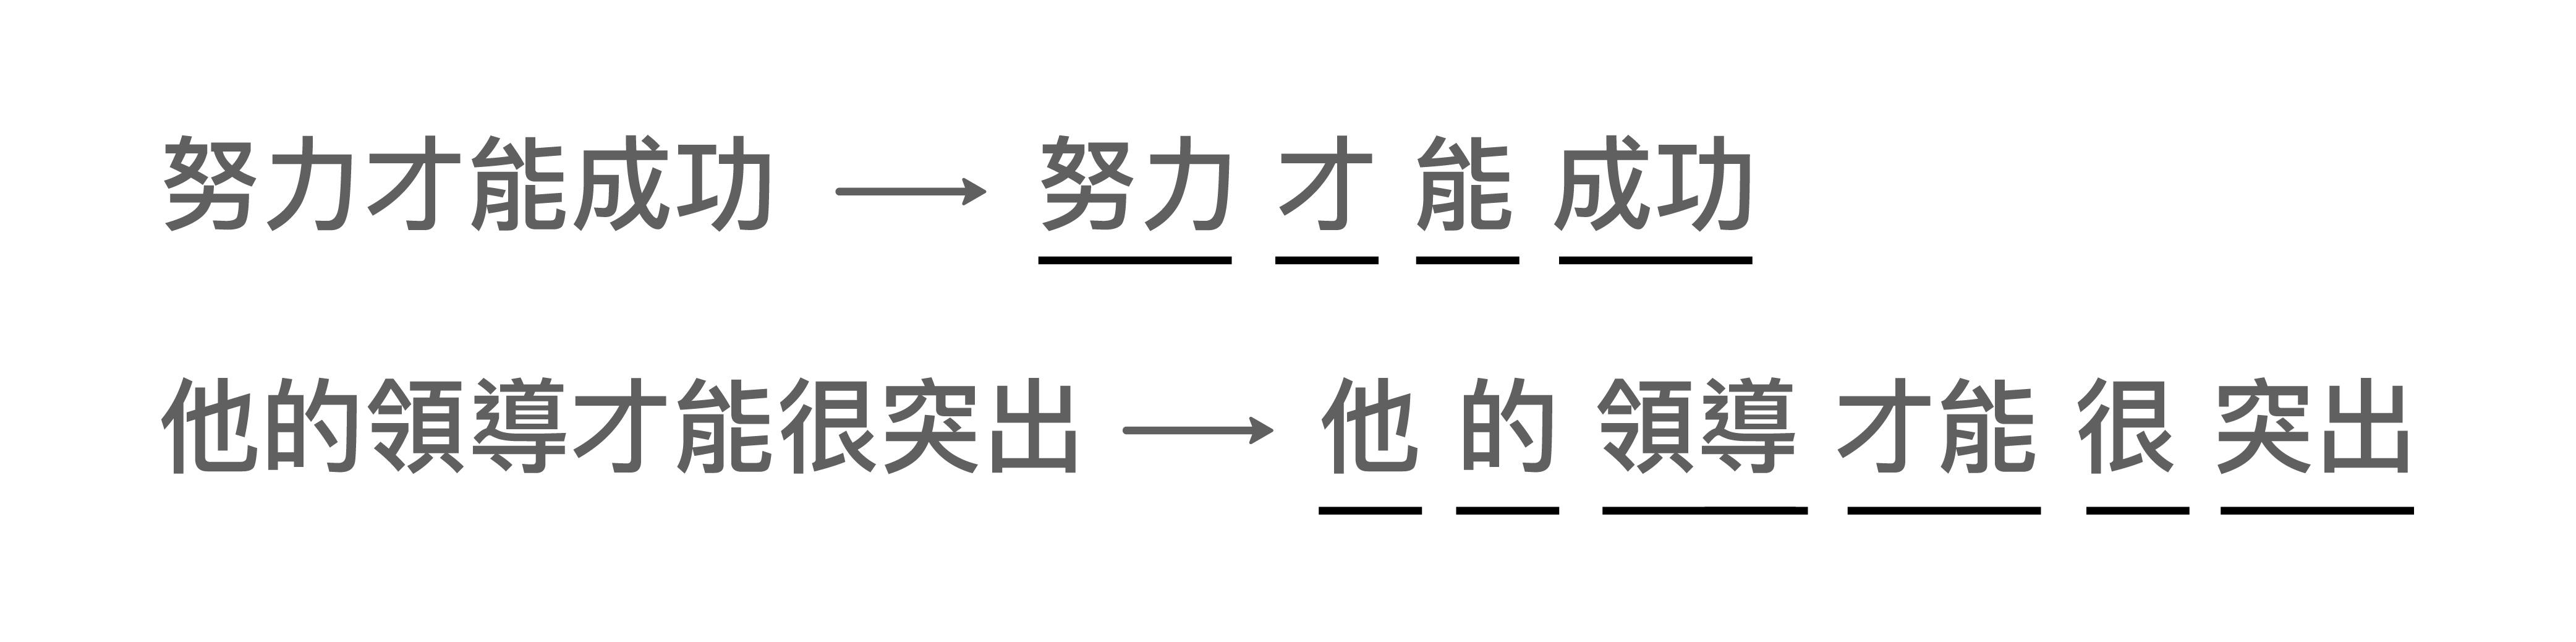 語言學家會把這樣子的斷詞標注清楚,供電腦進行機器學習。經過不同語句的大量標注,電腦最後會自己學會利用「才能」的上下文做判斷。圖│馬偉雲說明